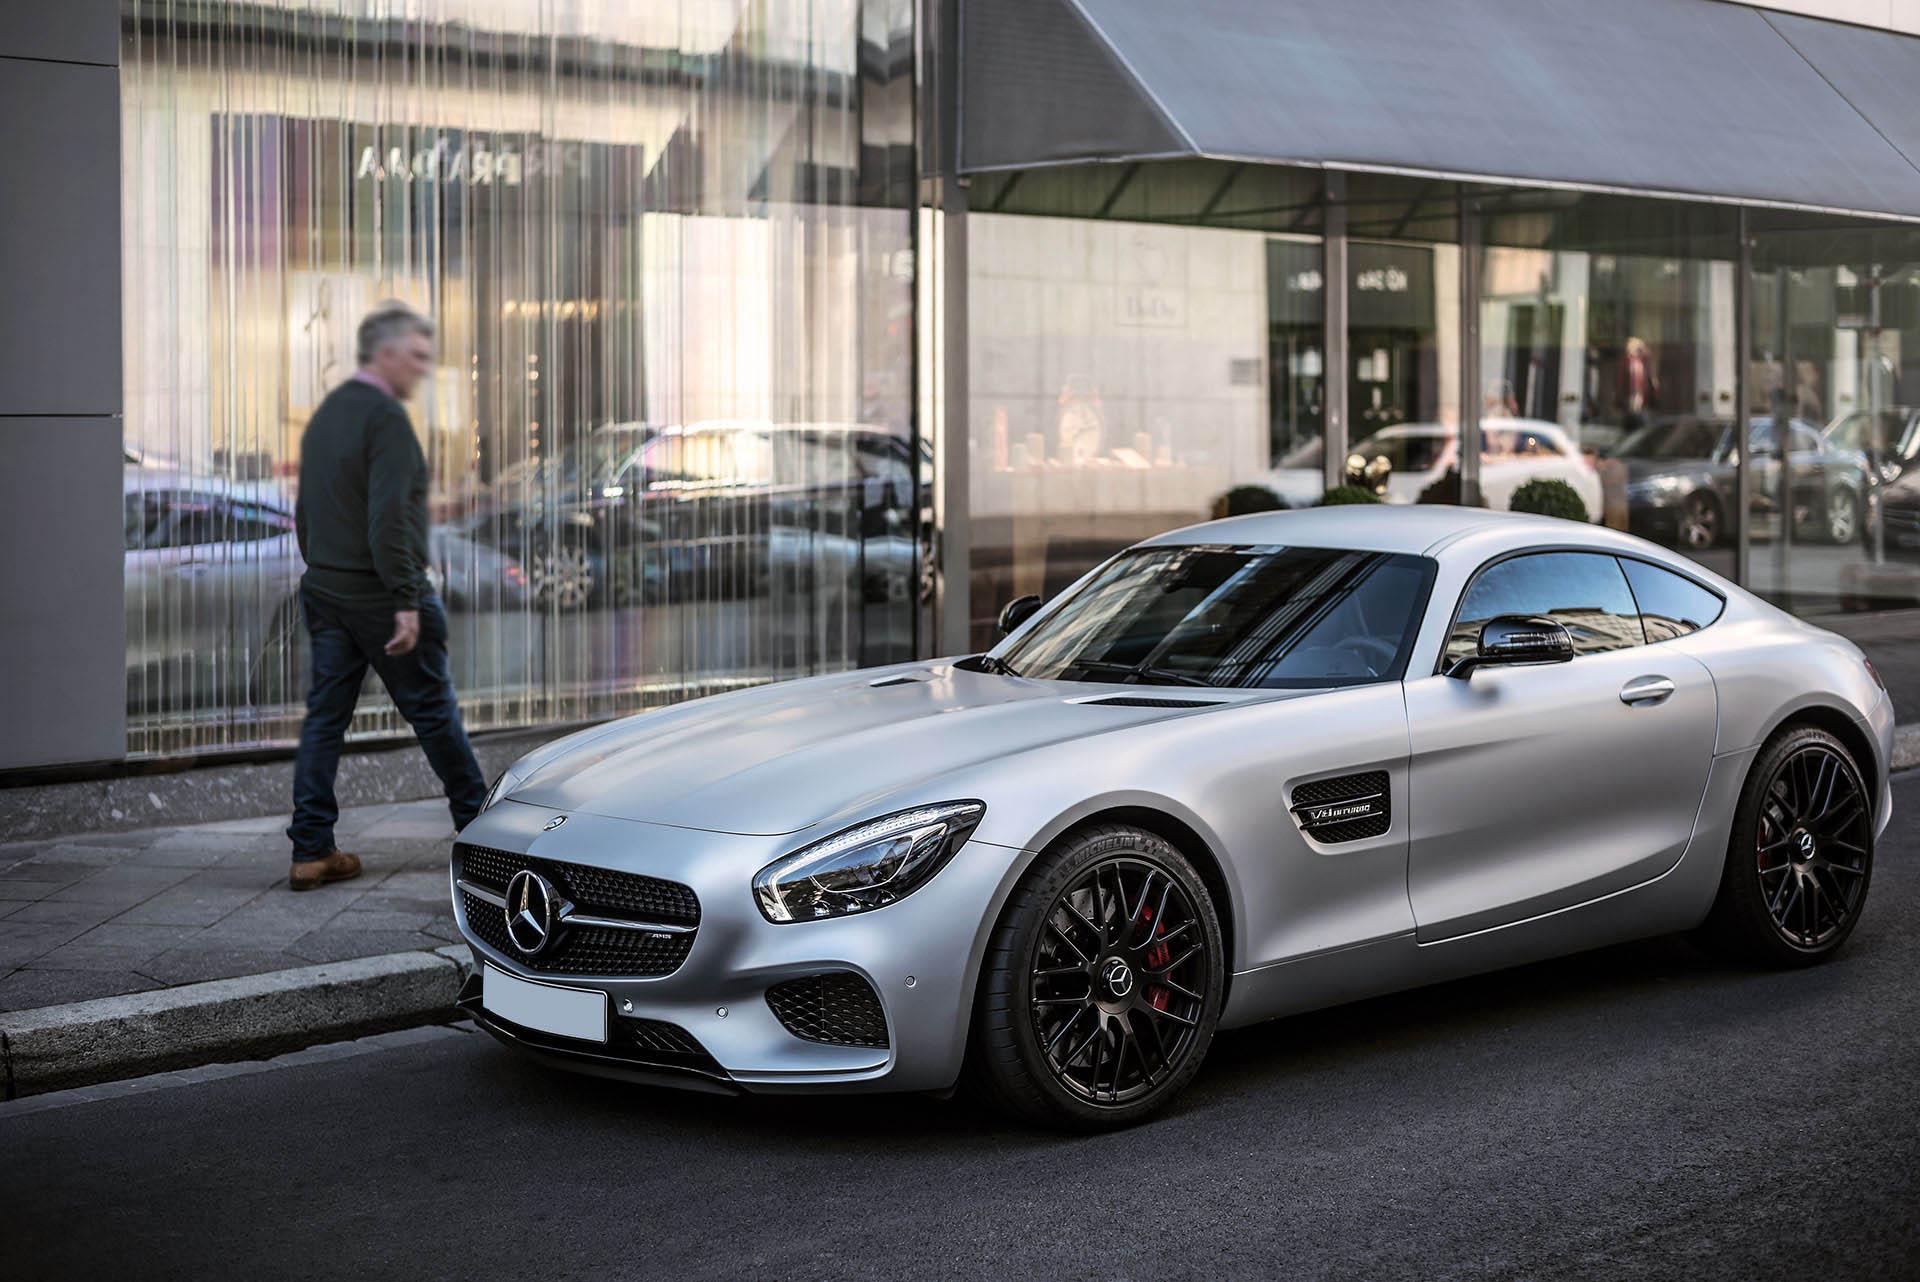 B+K_Sportwagen_Rheinland_GmbH_Mercedes_Benz_AMG_GTS_Silber_1